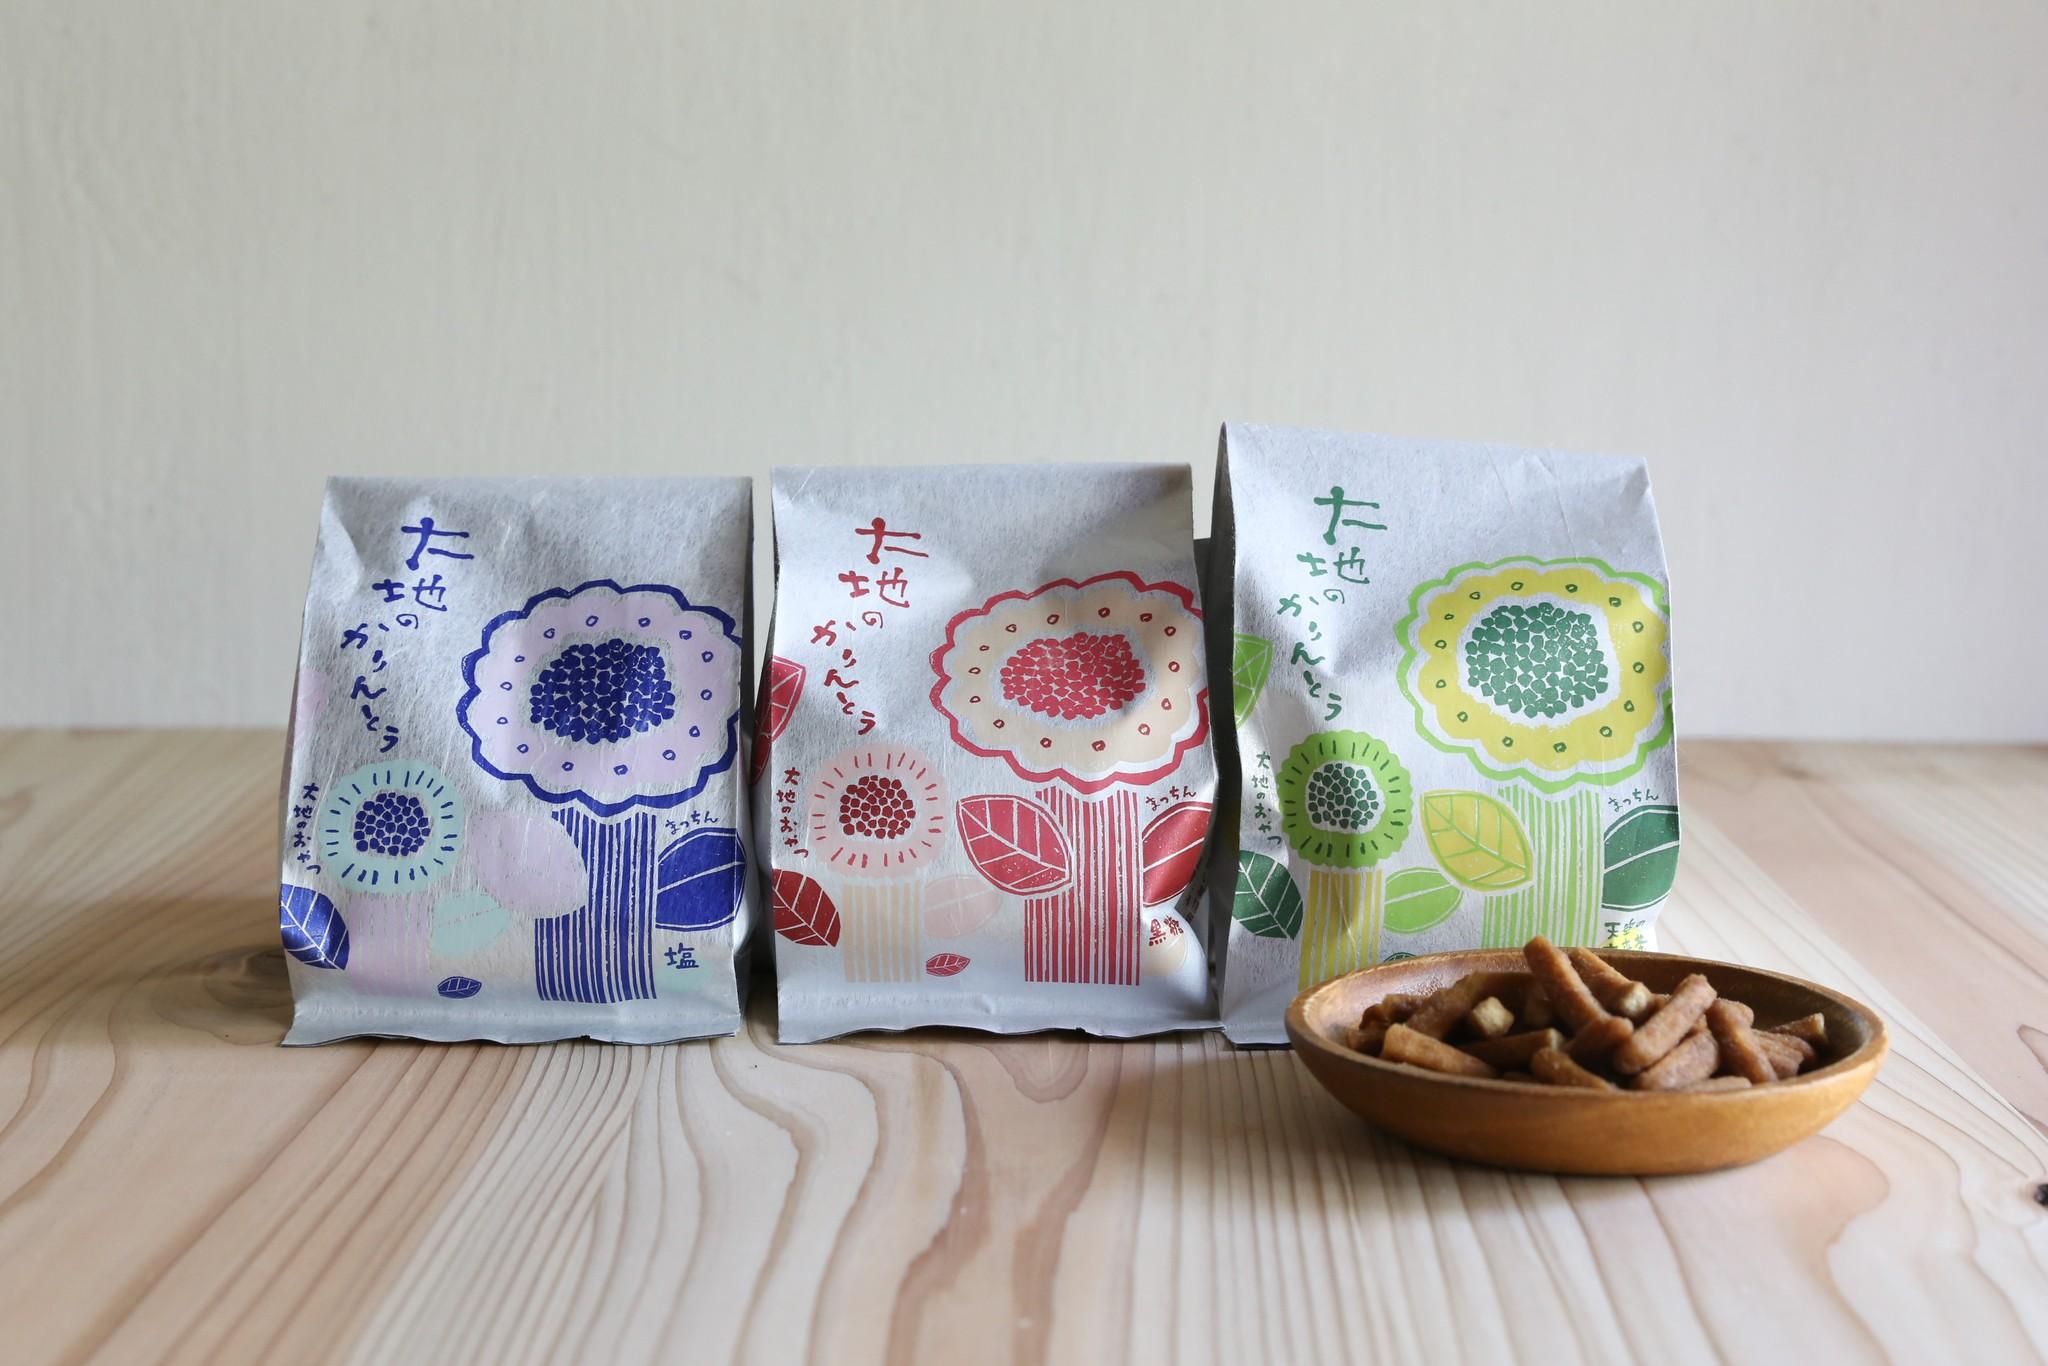 一つひとつにアイデアと想いを詰め込んだ、やさしいお菓子「大地のおやつ」|つくるひと⑩山本佐太郎商店